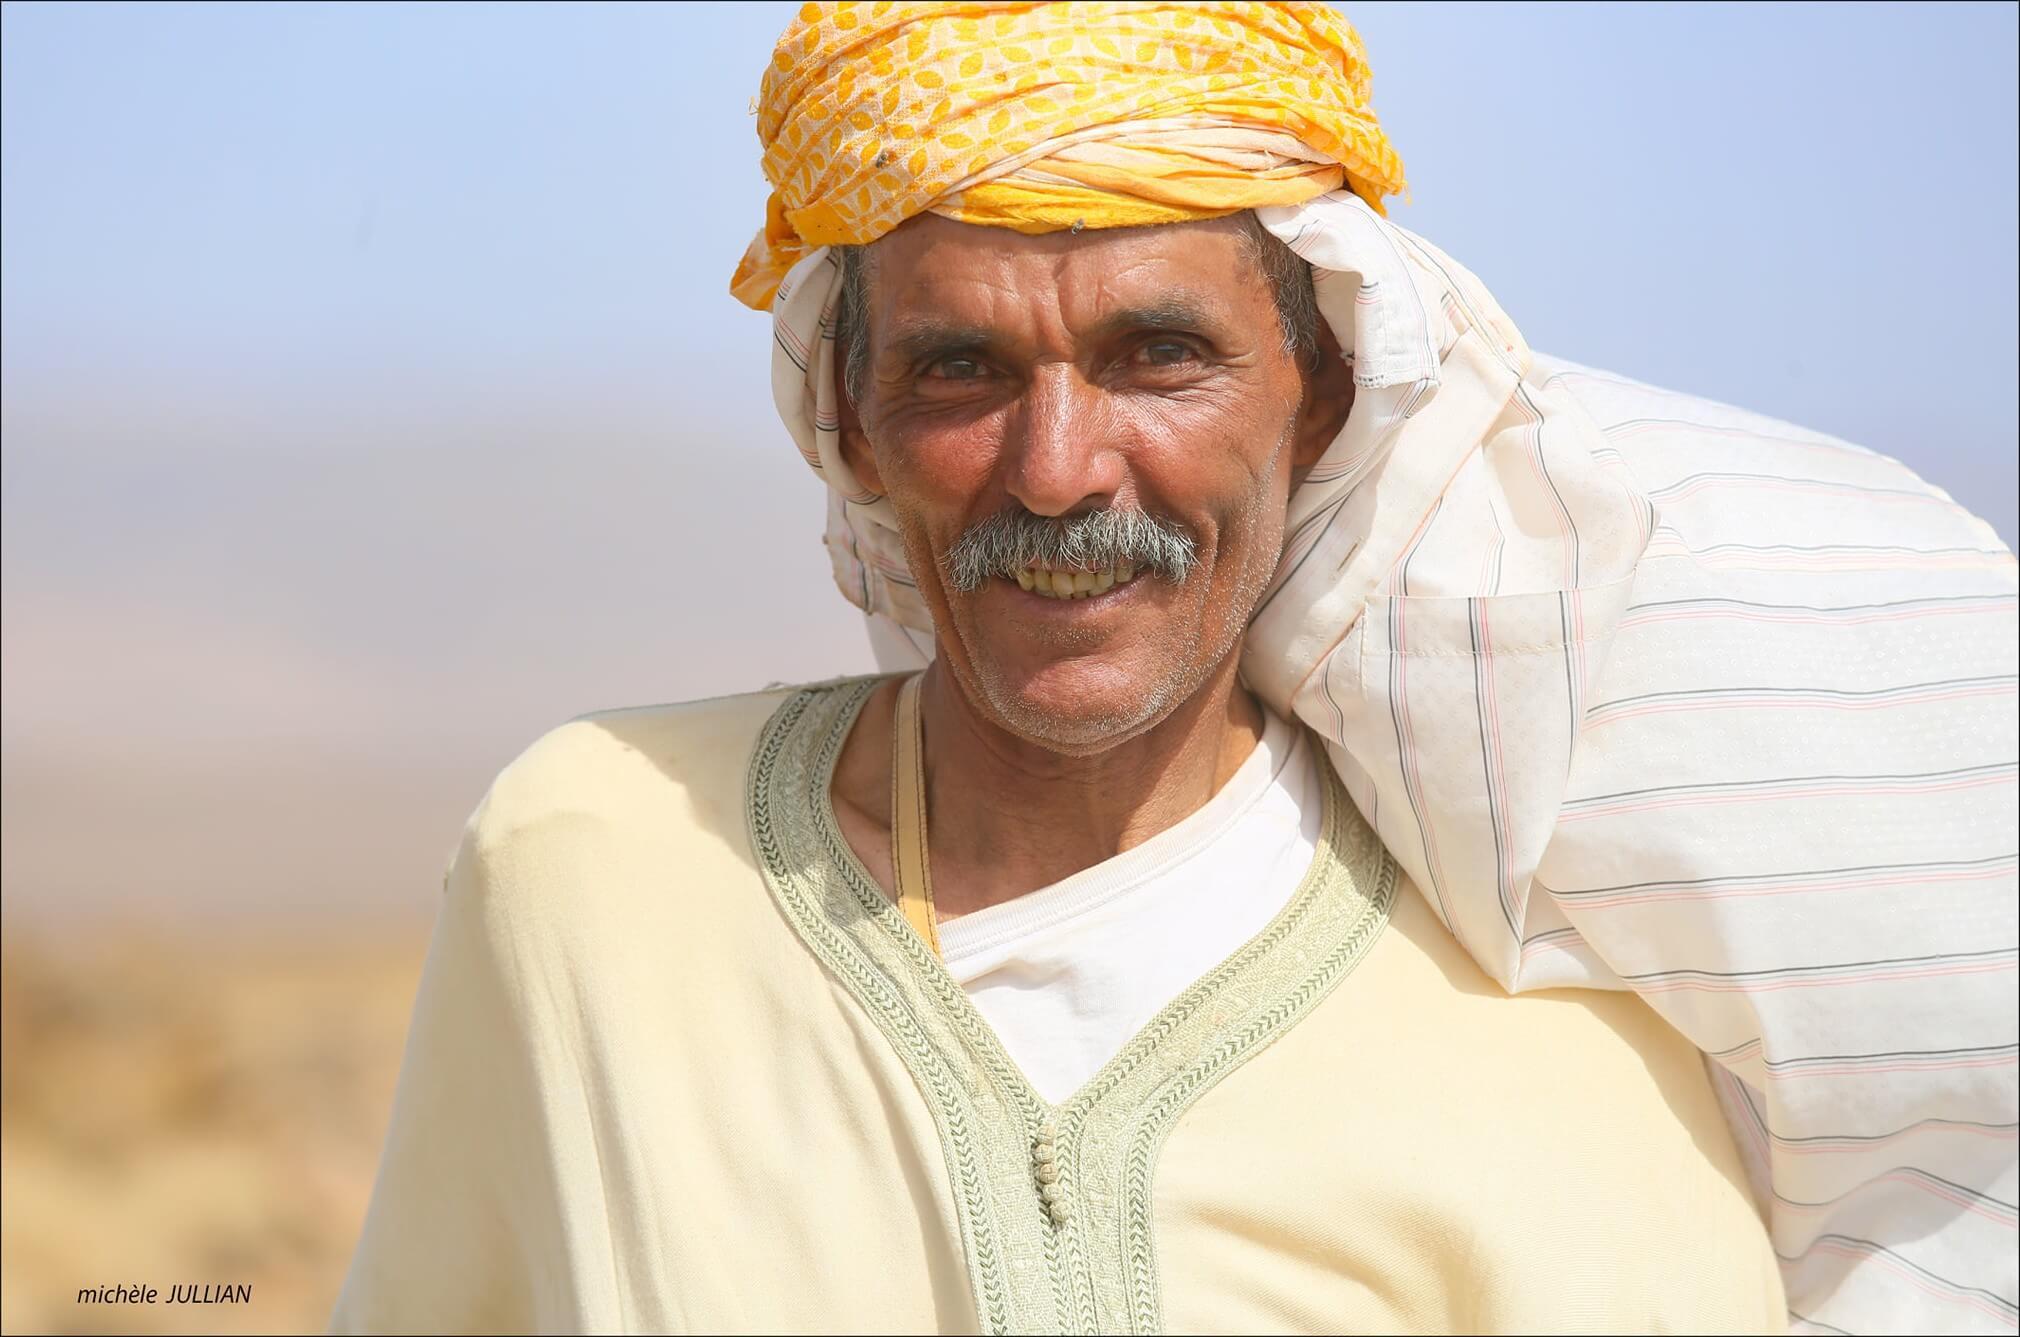 guide d'easysahara pour découvrir le pays berbère au maroc